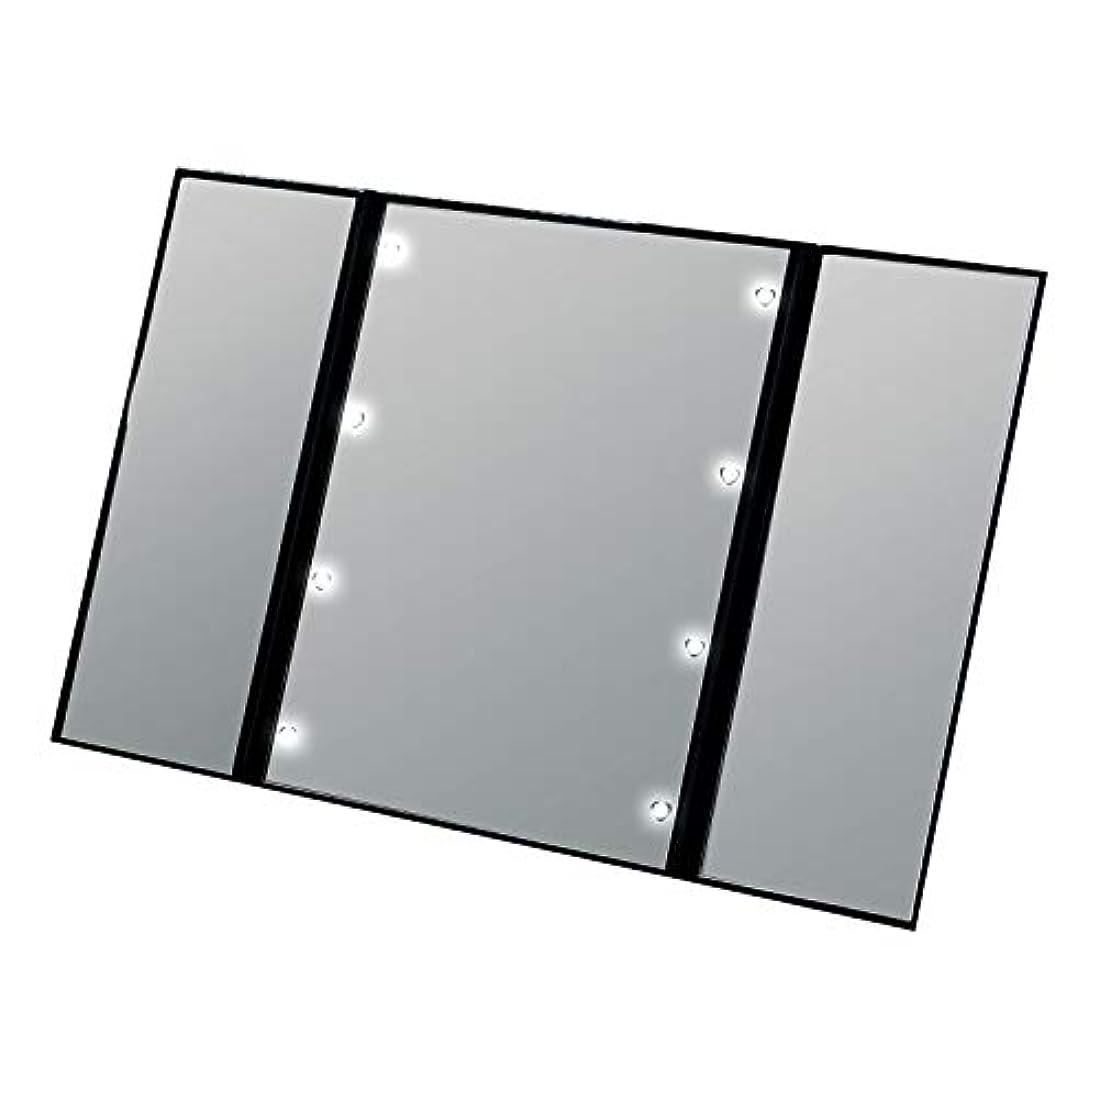 規範自発的虐殺コモライフ LEDメイクアップ三面鏡 化粧鏡 卓上ミラー 角度調節可 折りたたみミラー LEDライト付 コンパクト 携帯にも